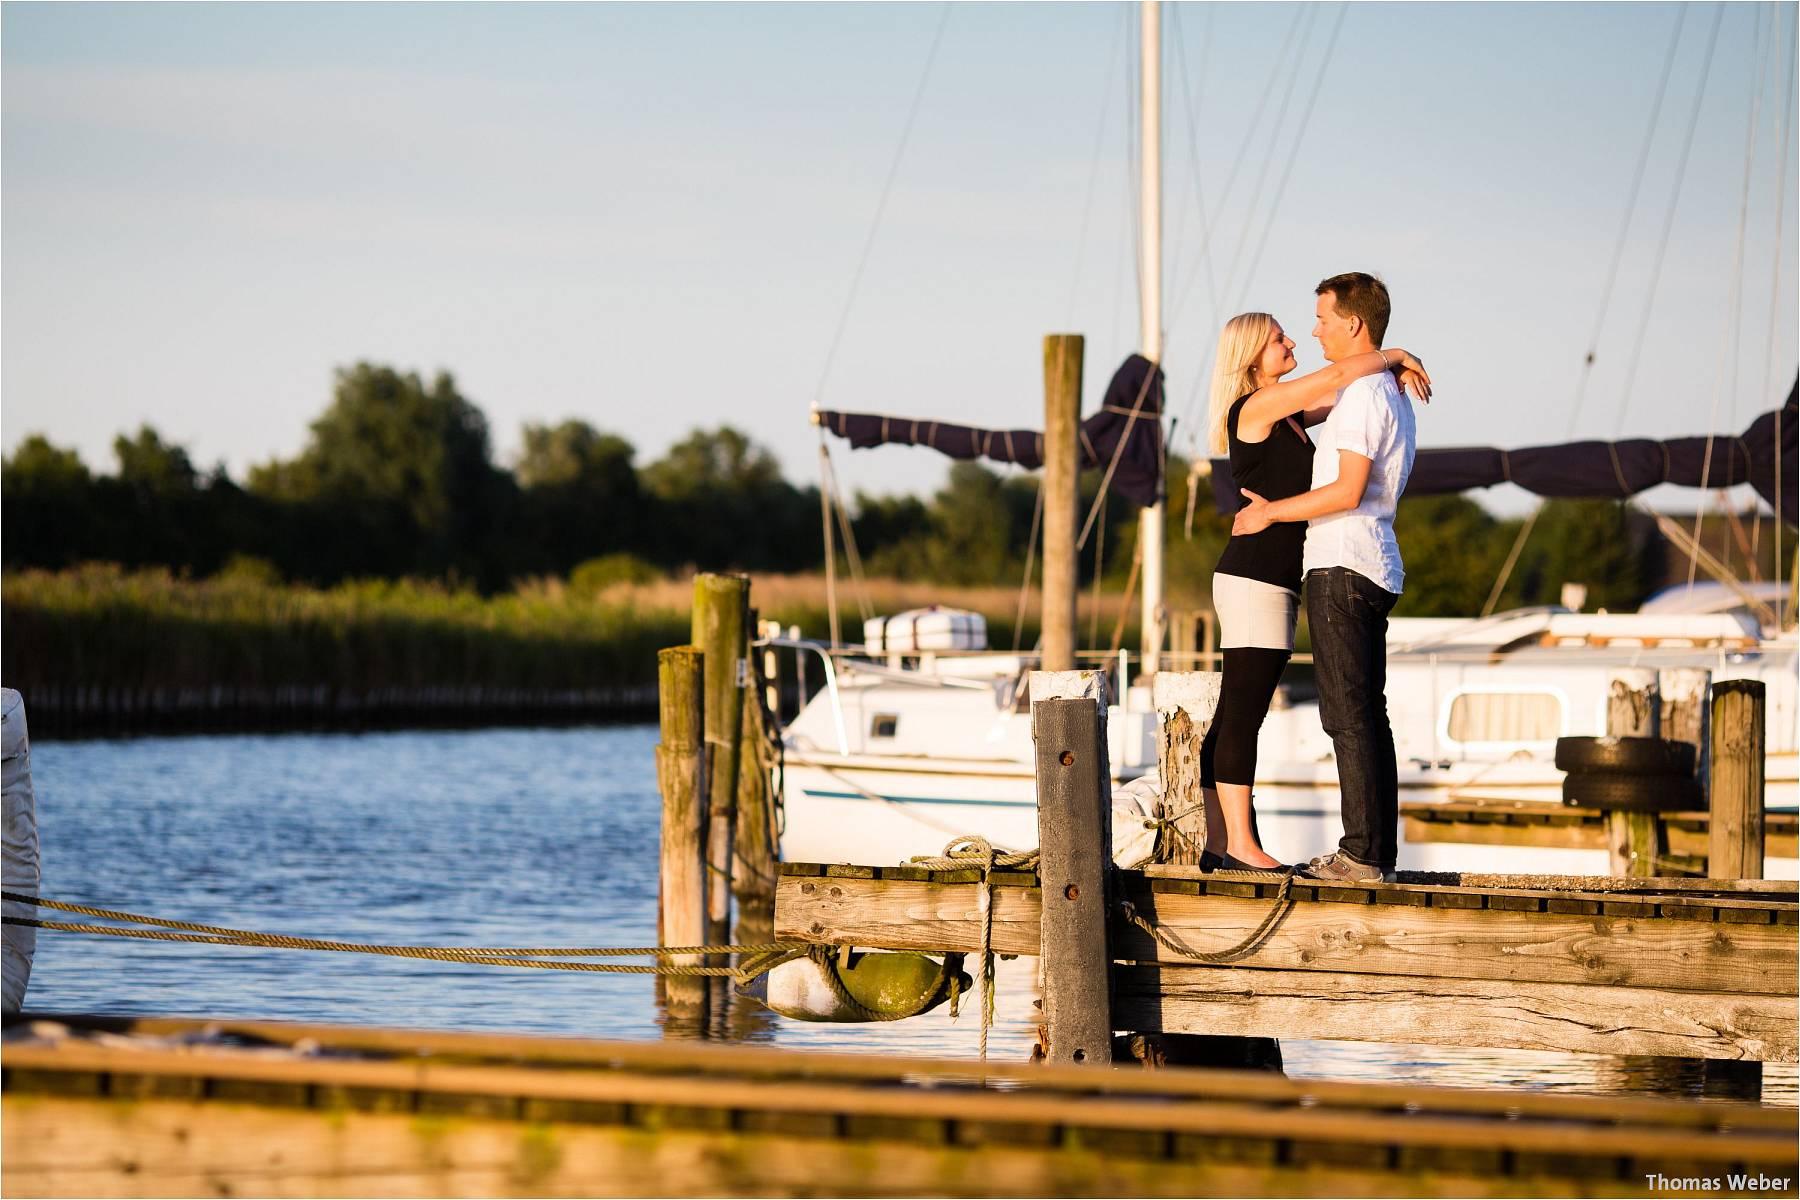 Hochzeitsfotograf Oldenburg: Engagement-Verlobungs-Paarfotos am Strand von Dangast/Varel an der Nordsee (7)